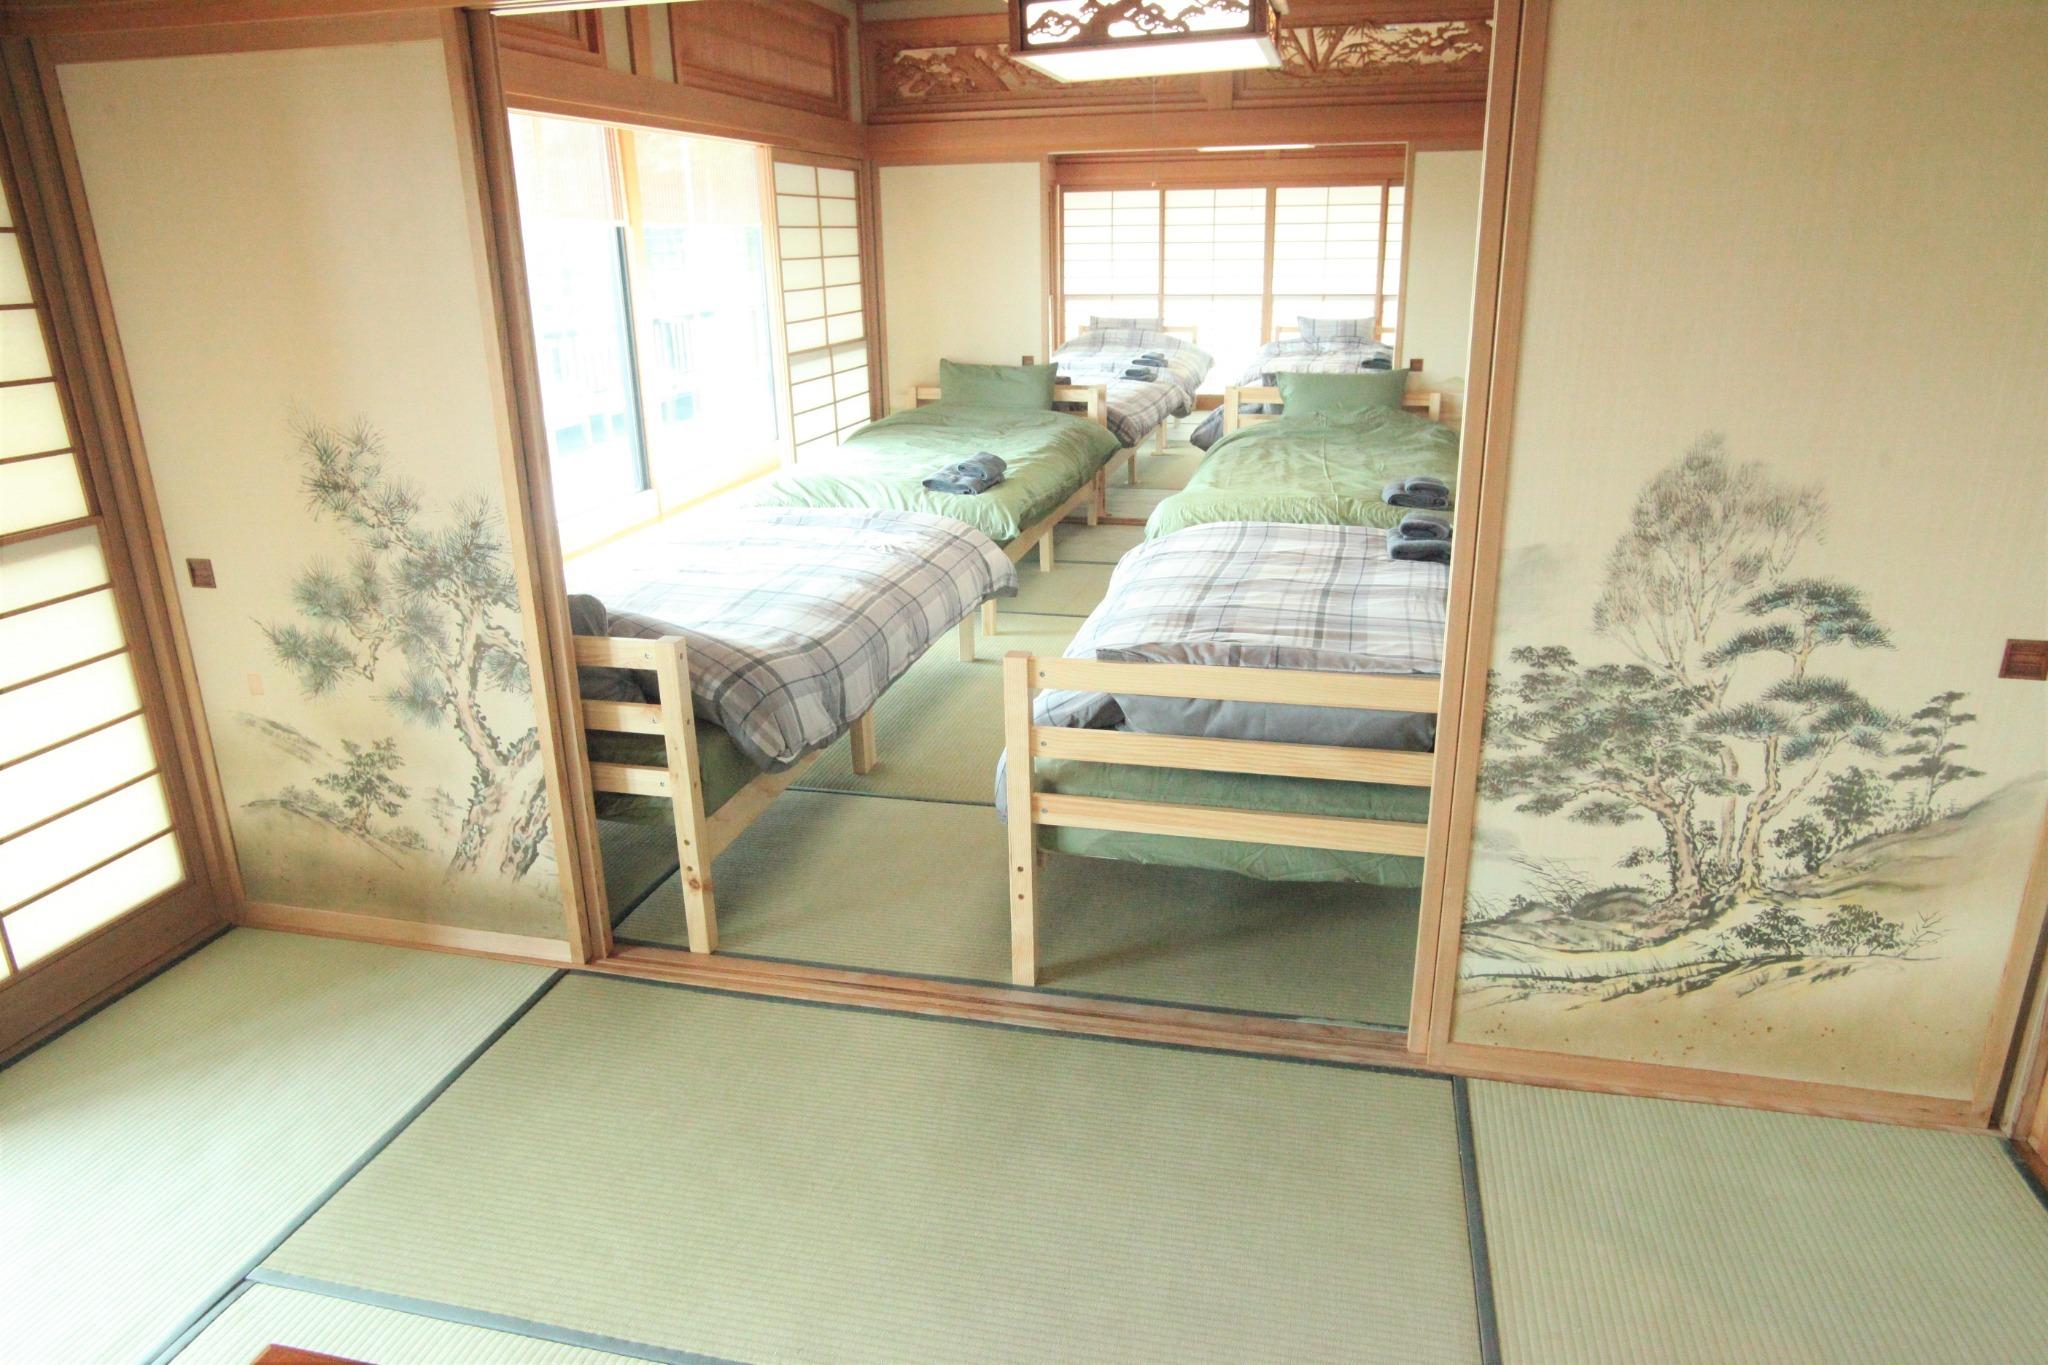 和室4名部屋(ベッド)1 2F